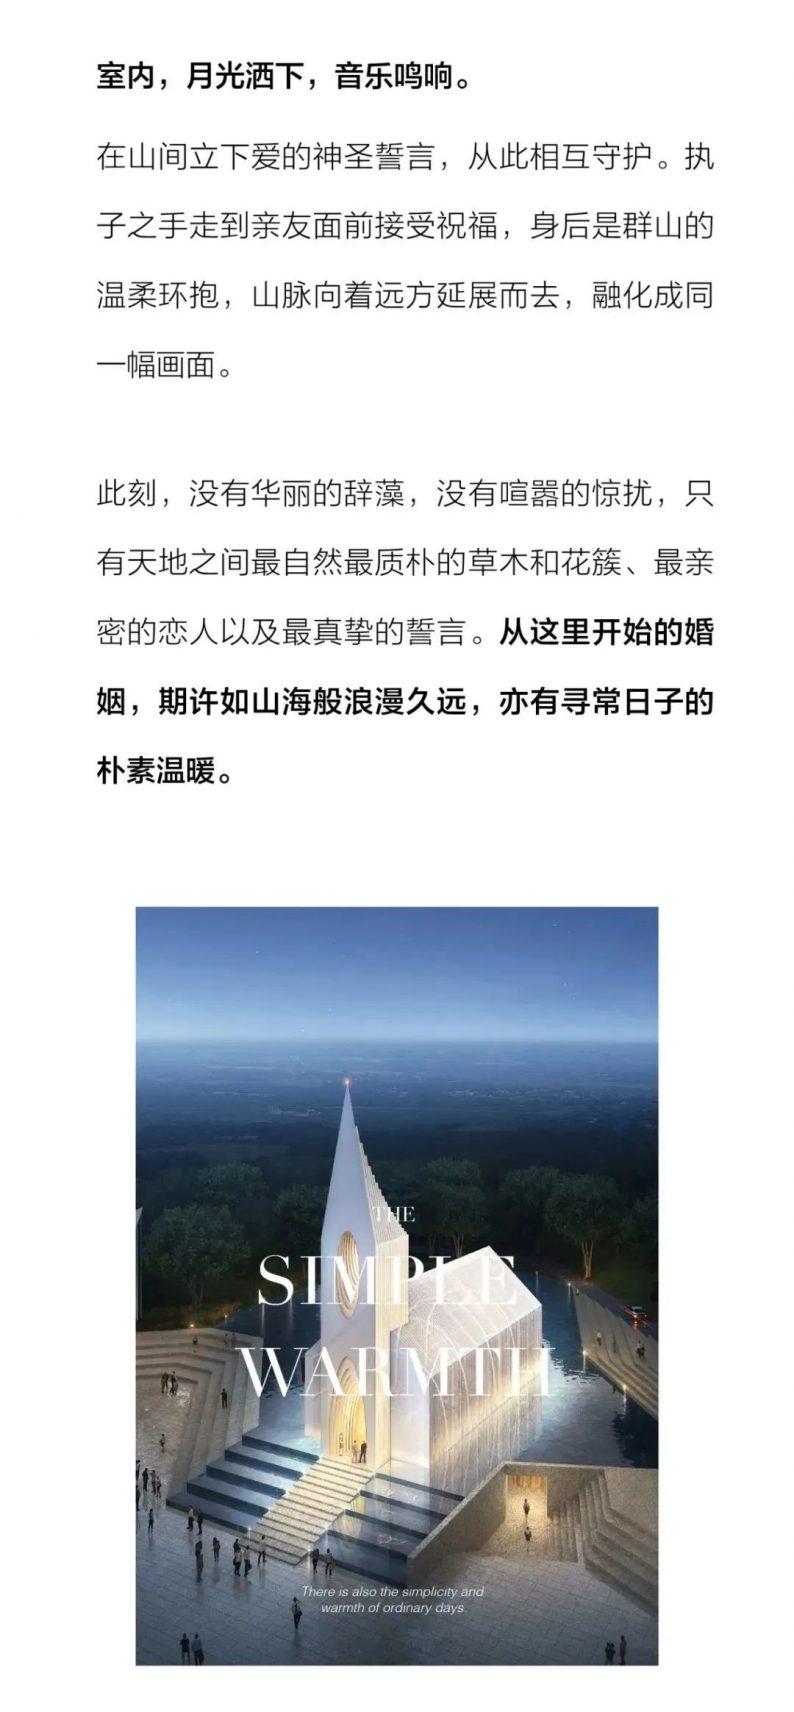 婚礼堂发布:青岛融创·阿朵小镇【月空·婚礼堂】  第9张